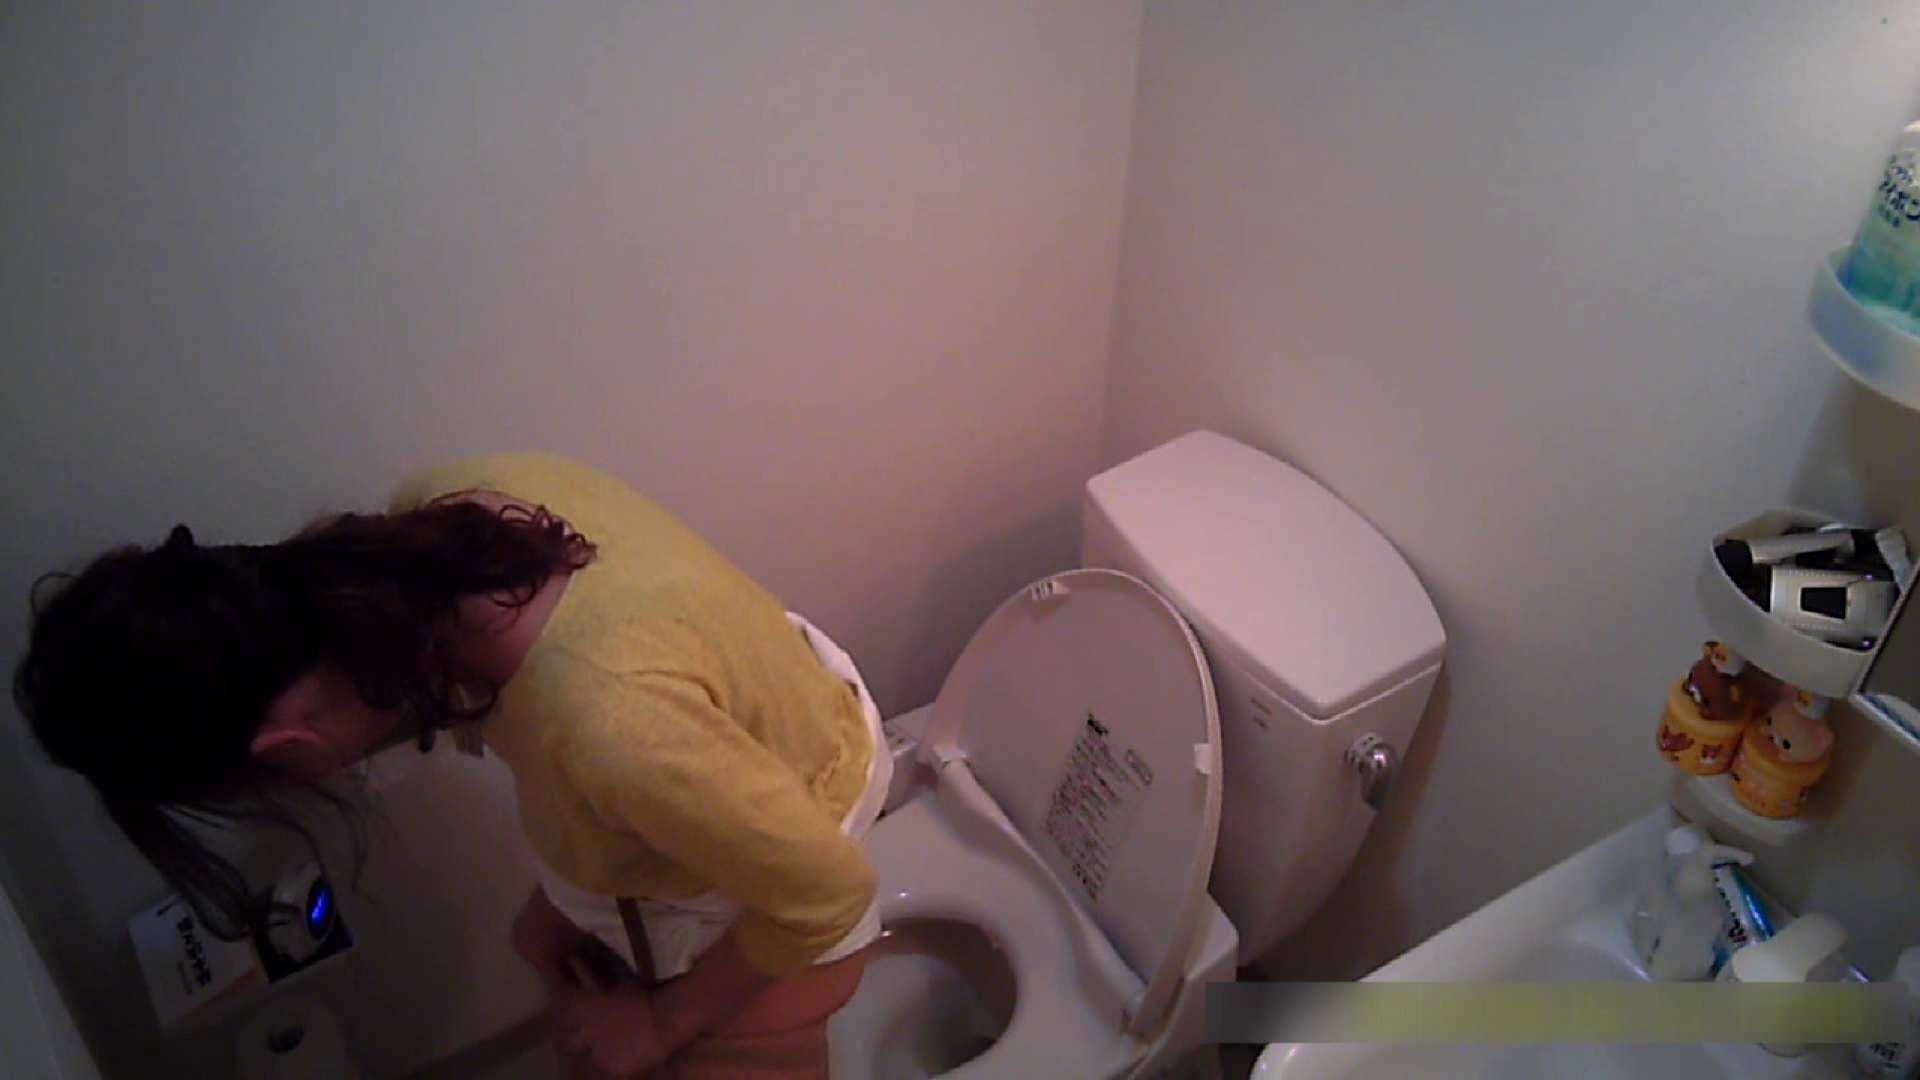 乳首大き目の24歳Y子 トイレ編 乳首コレクション   トイレ中  27連発 26